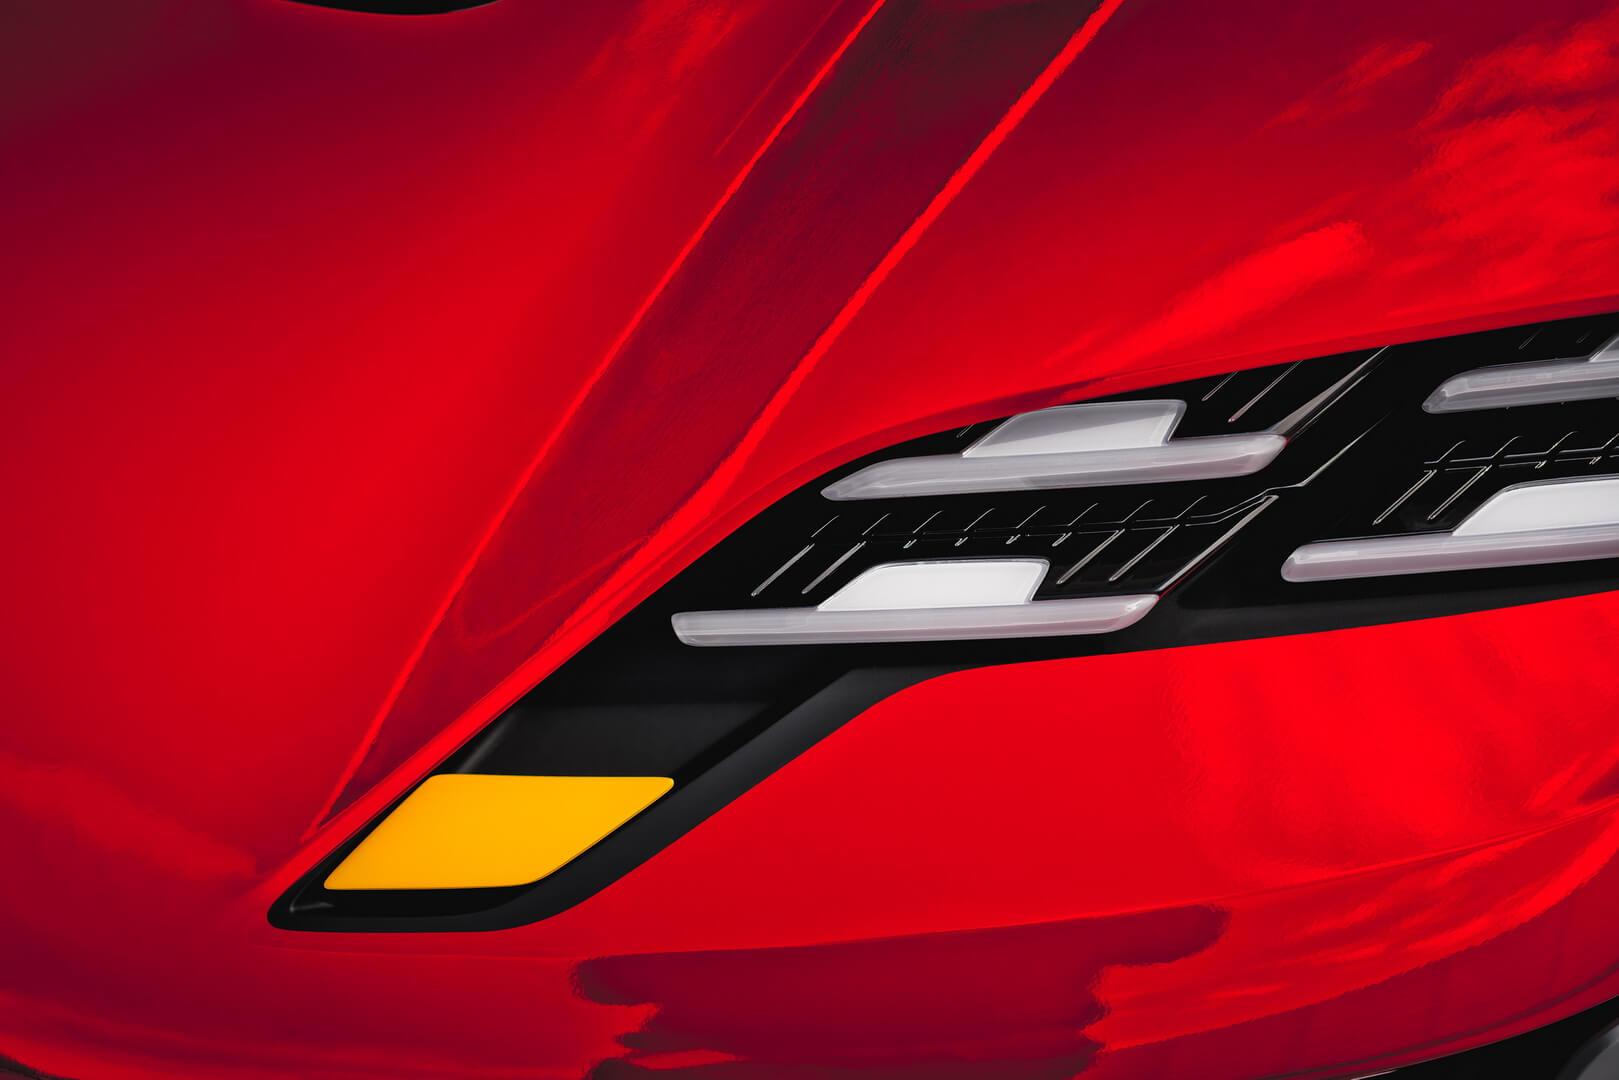 Компания Porsche опубликовала загадочный тизер грядущего электромобиля, премьера которого состоится на Мюнхенском автосалоне